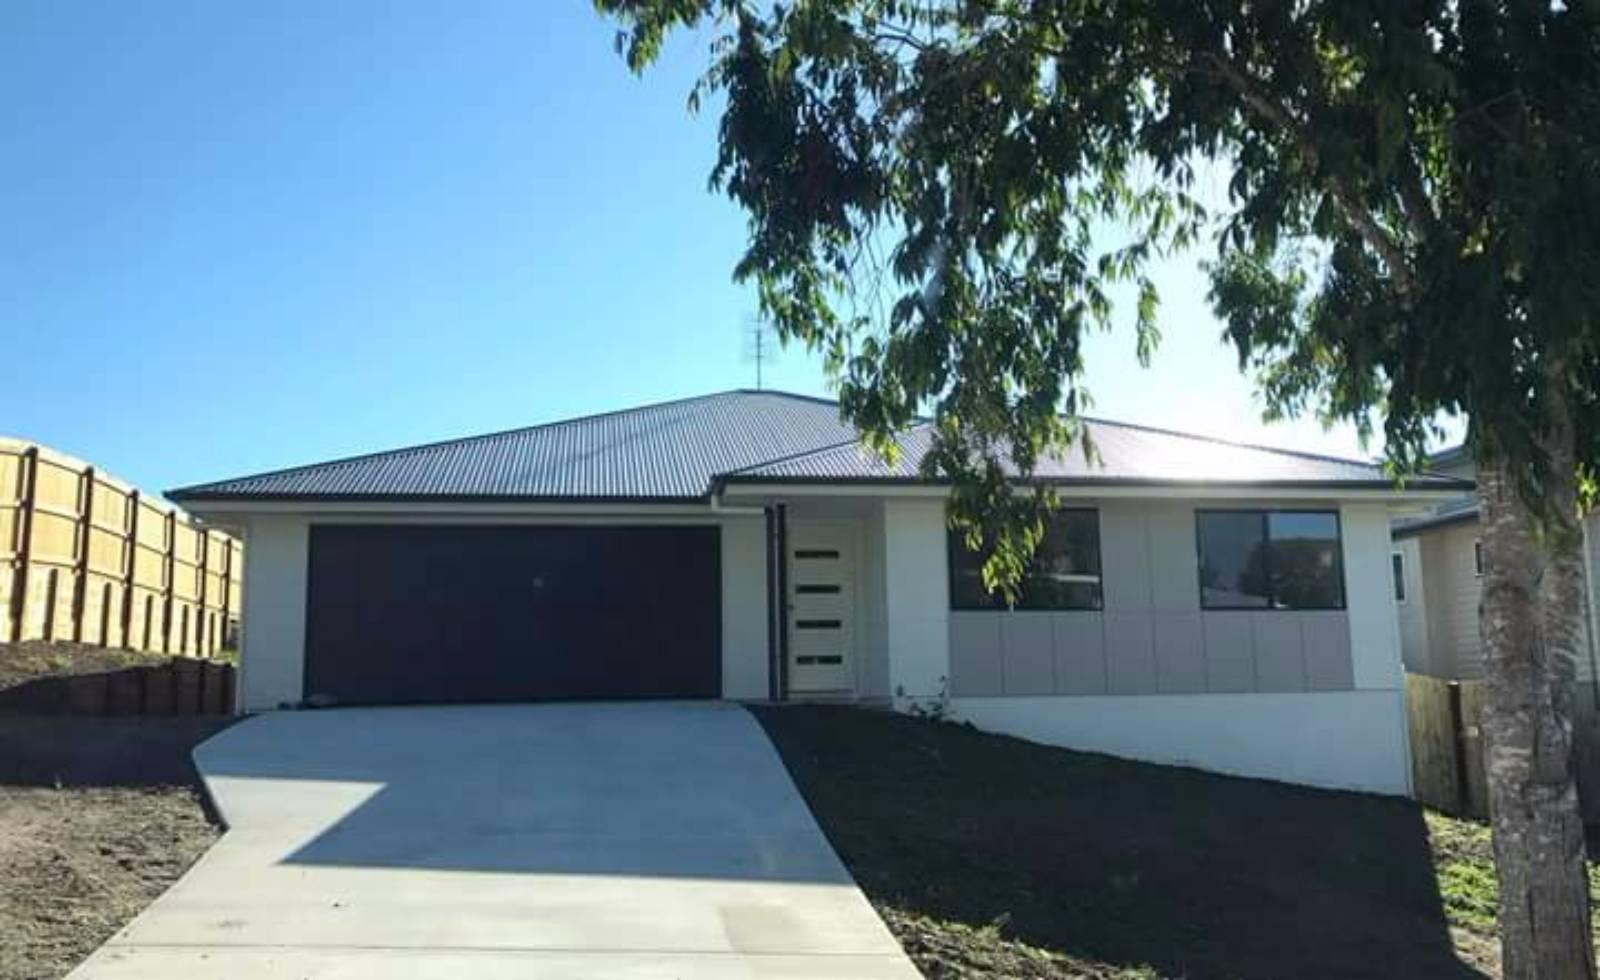 New house in Burnside